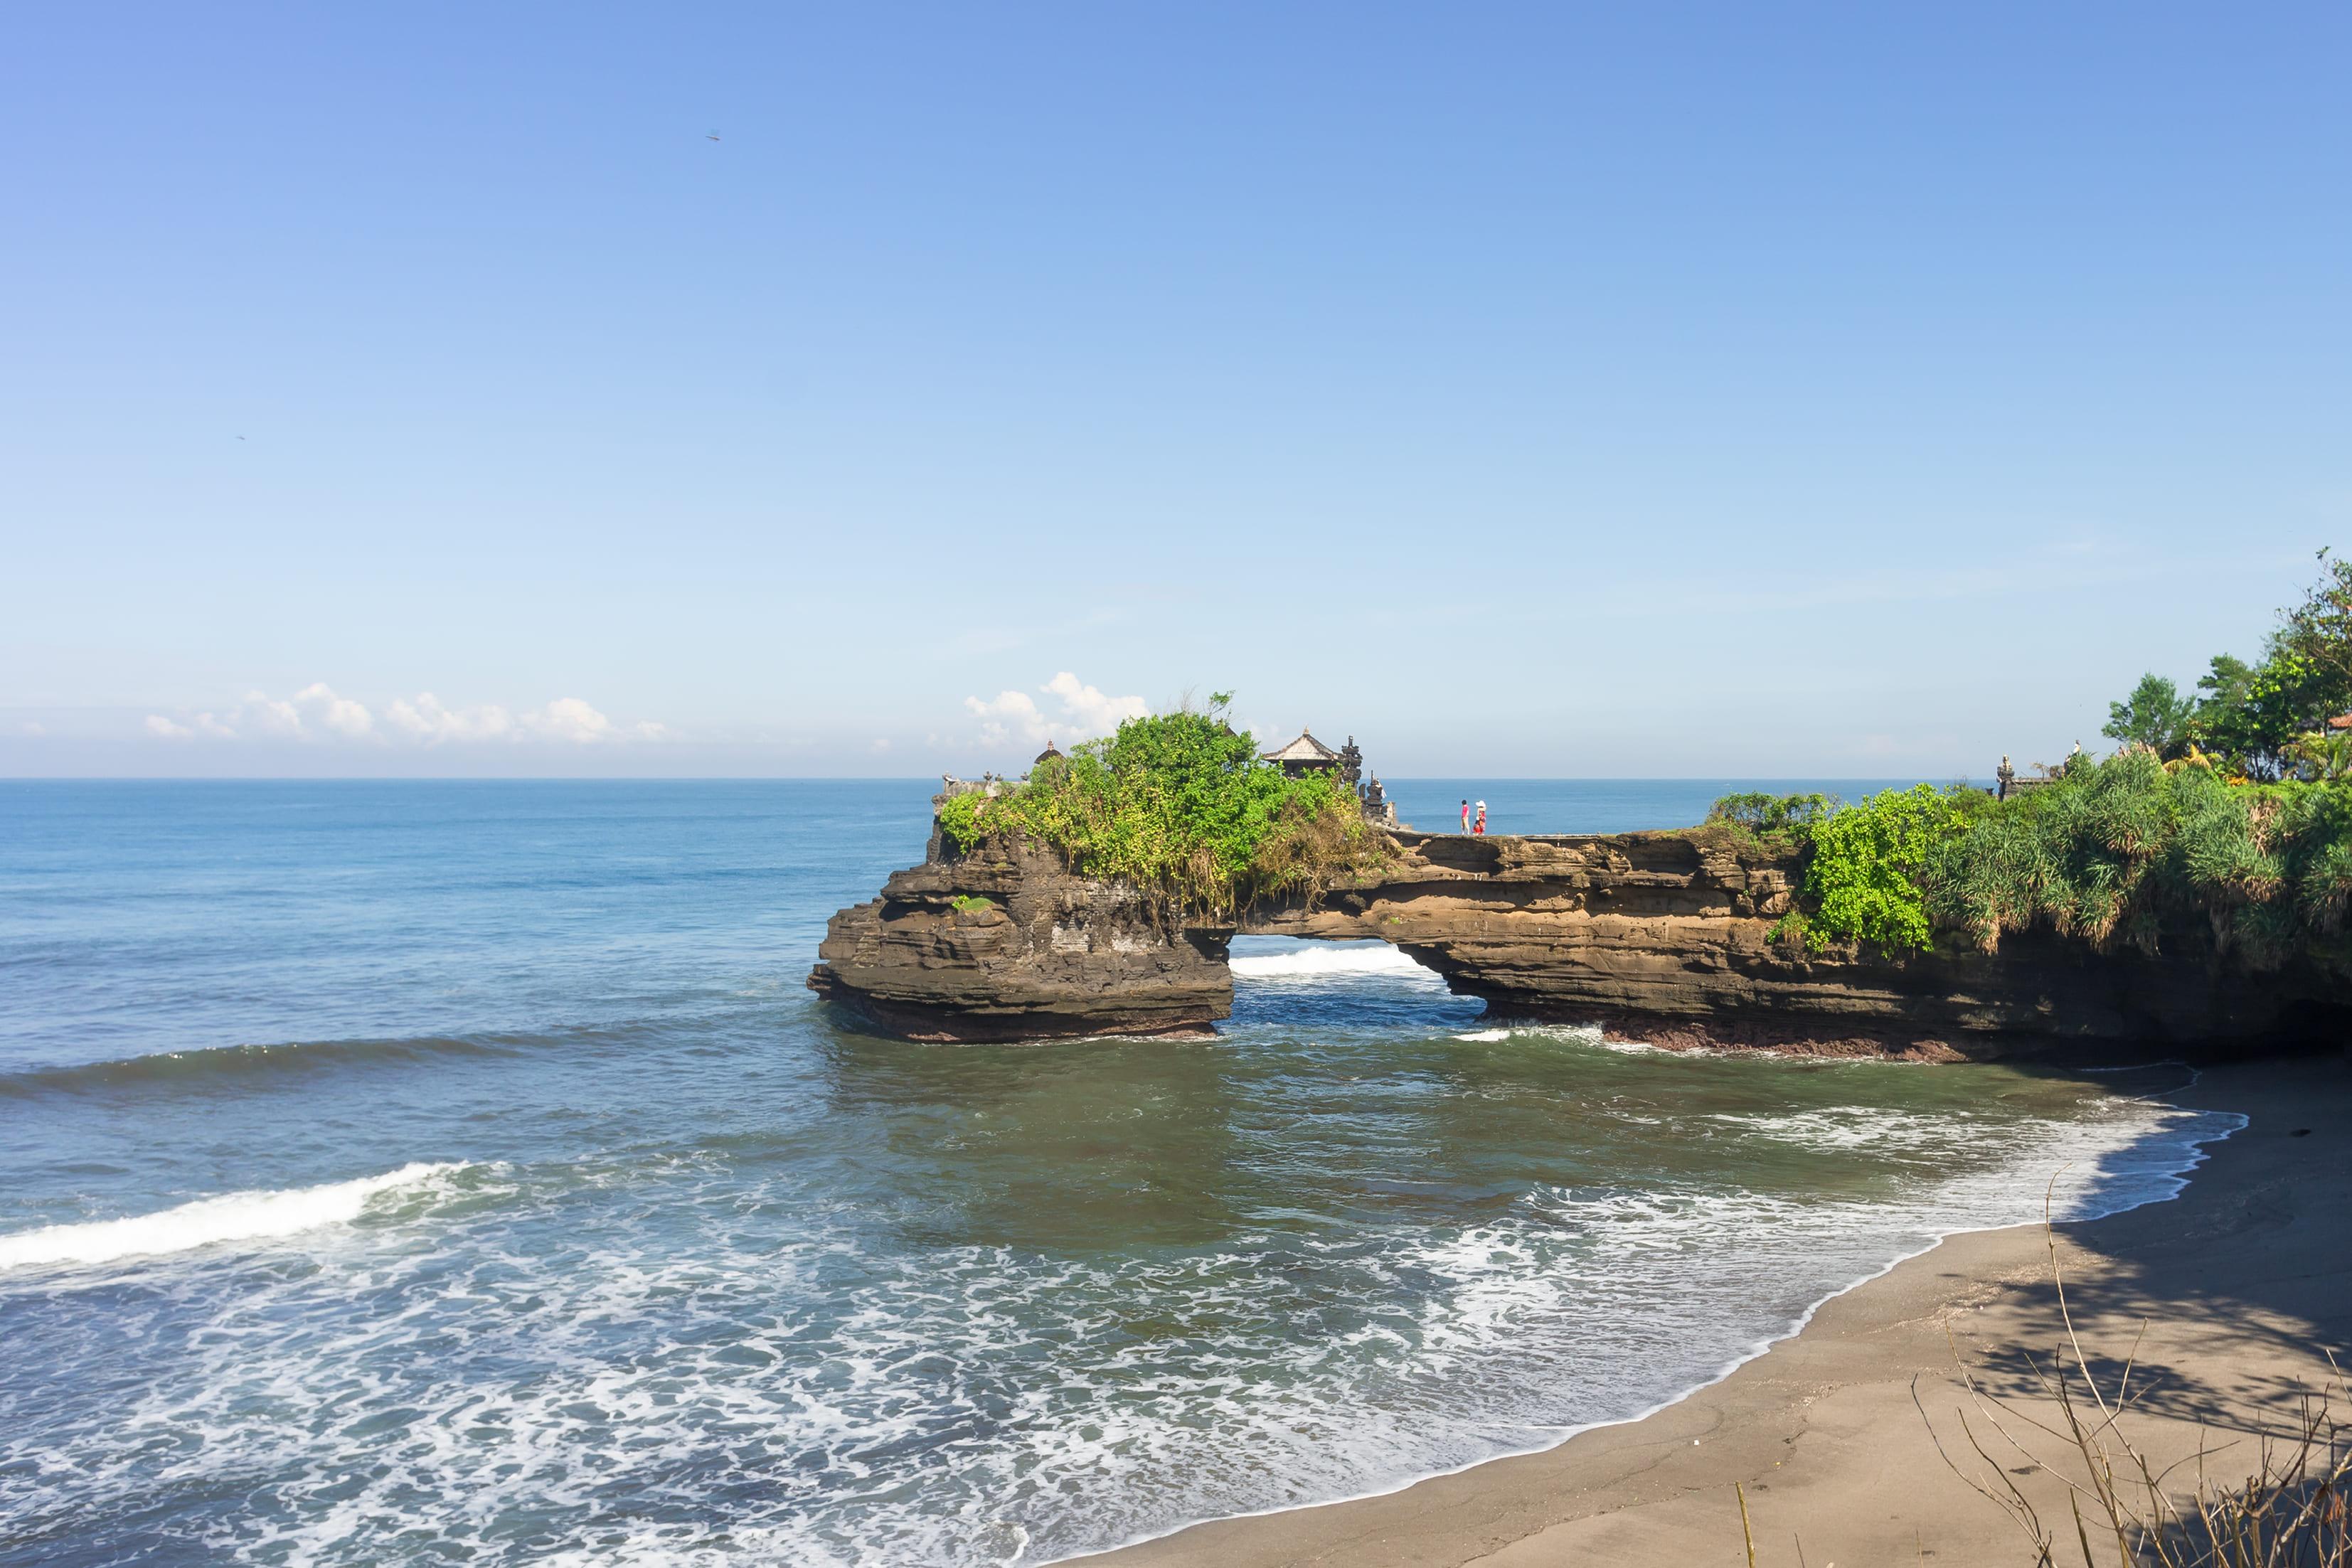 Segara Batu Bolong Beach